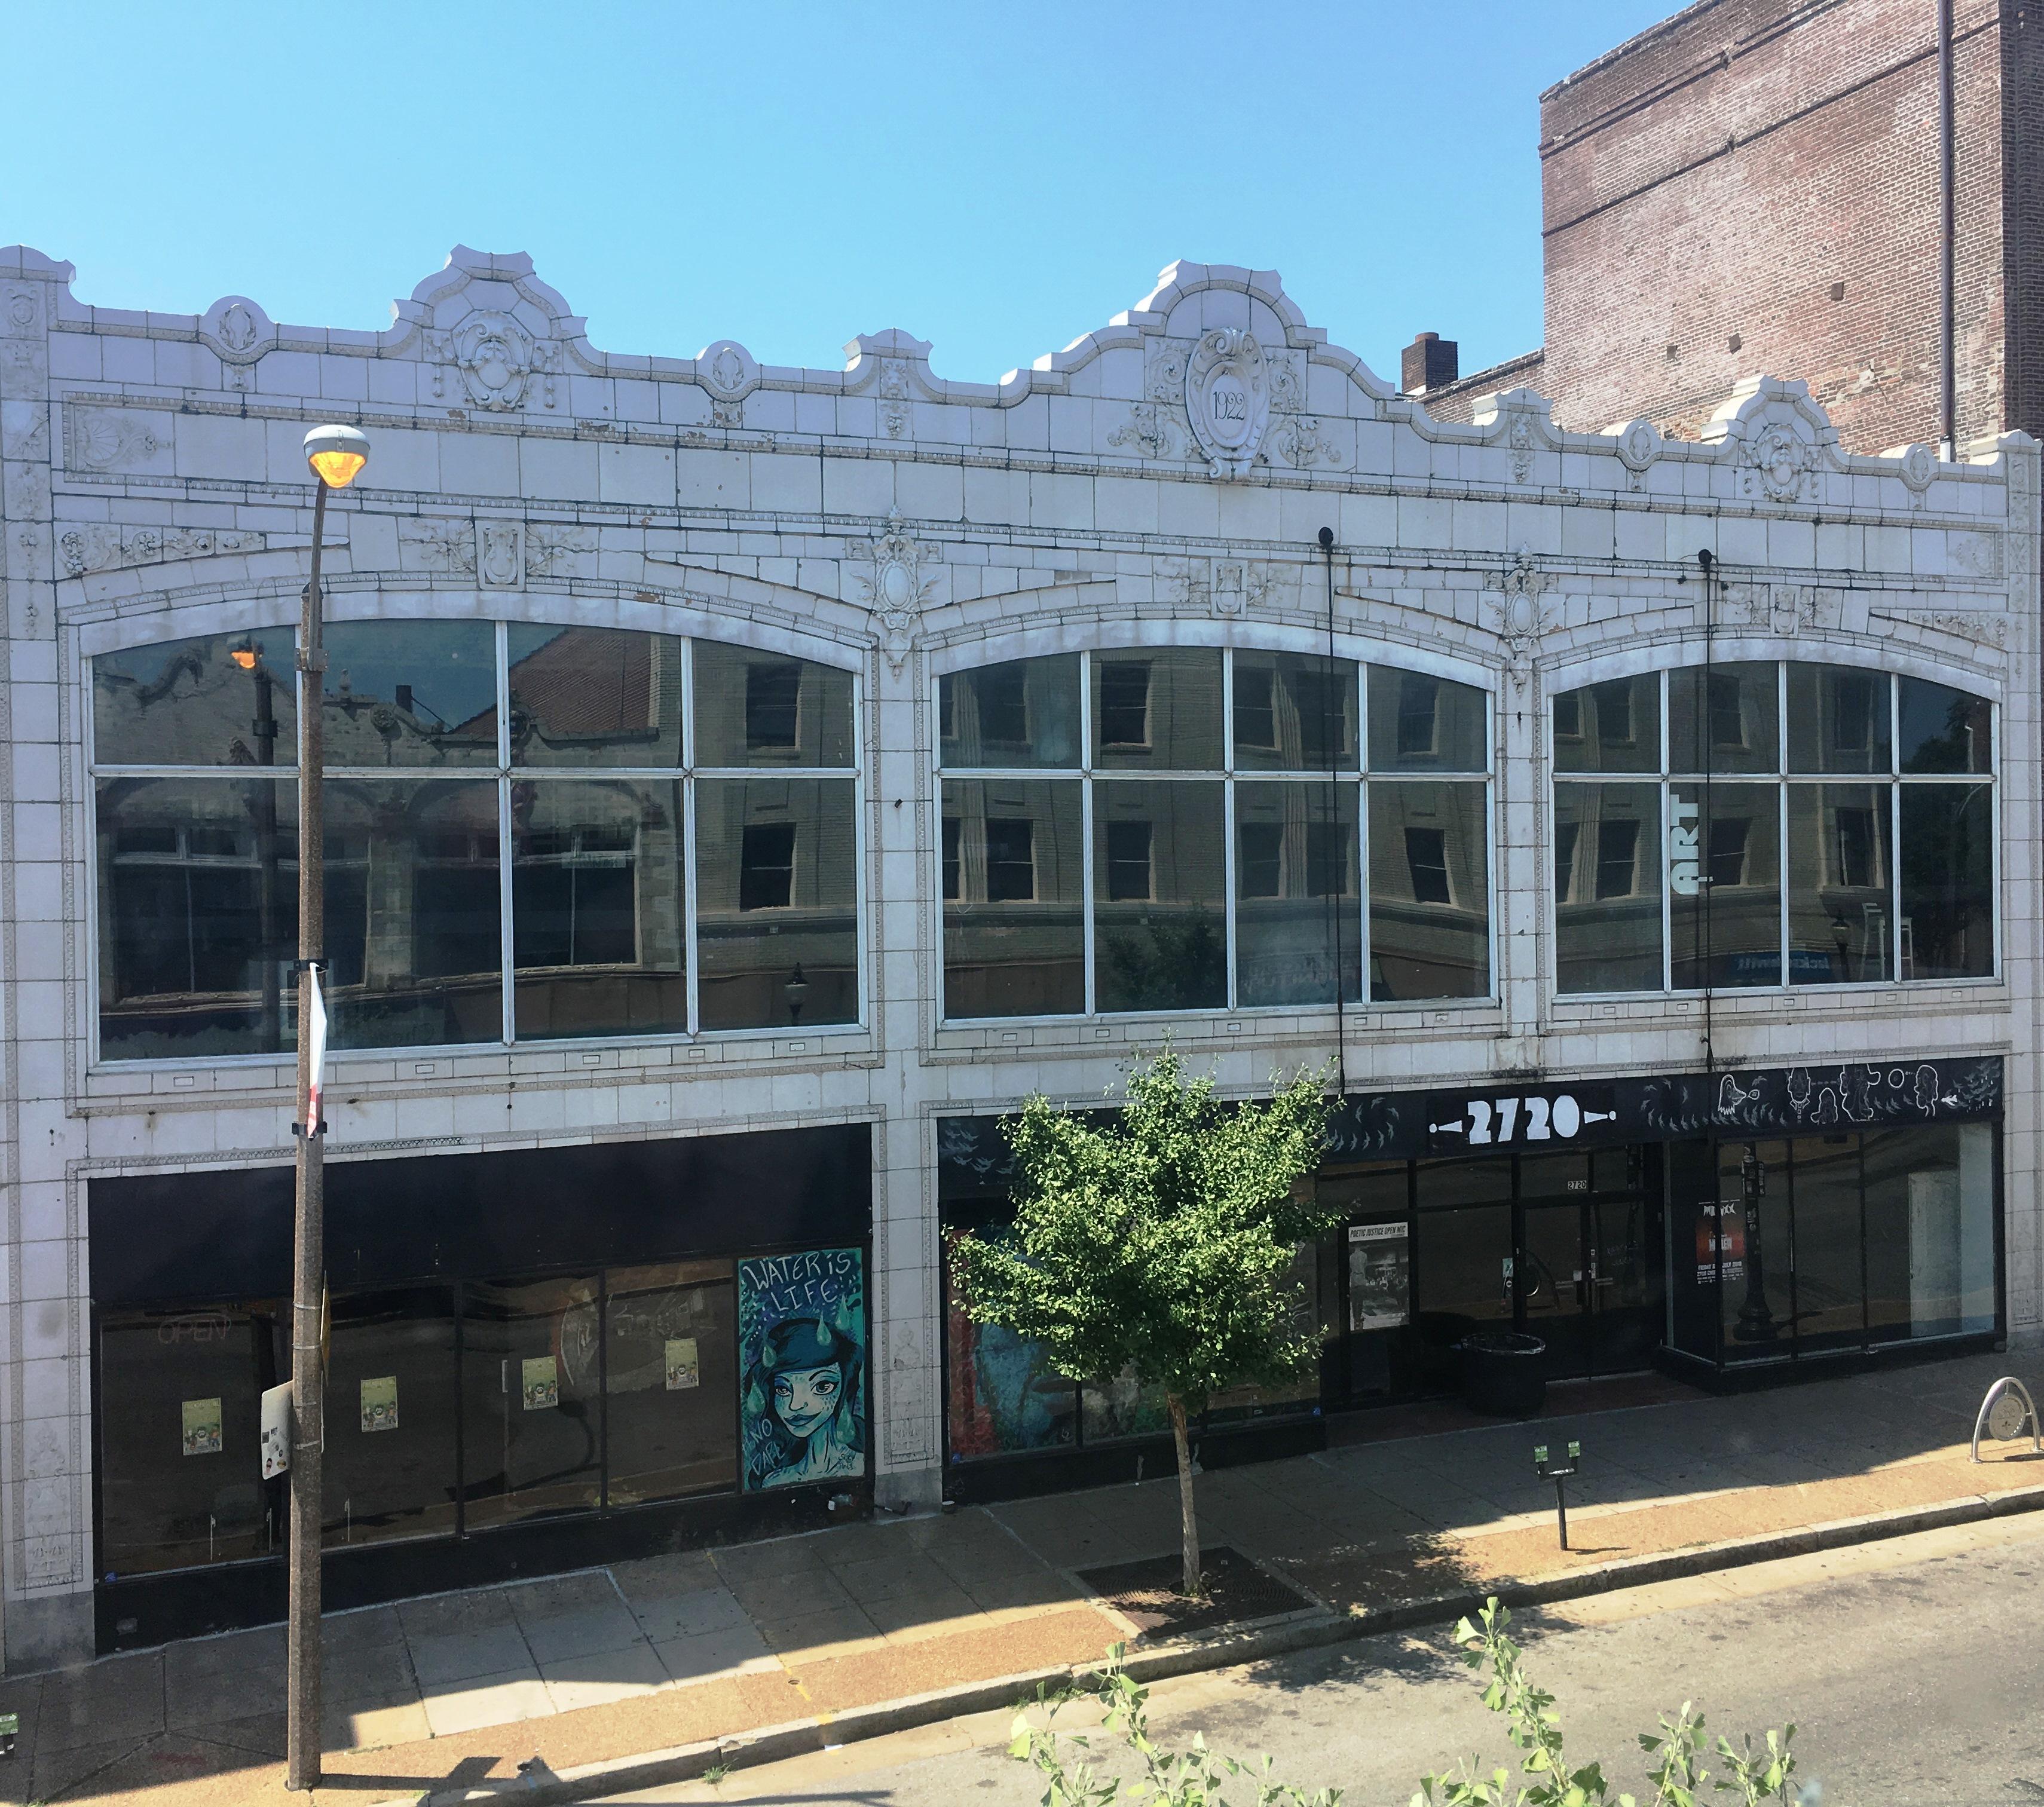 2720 Cherokee Front of Building